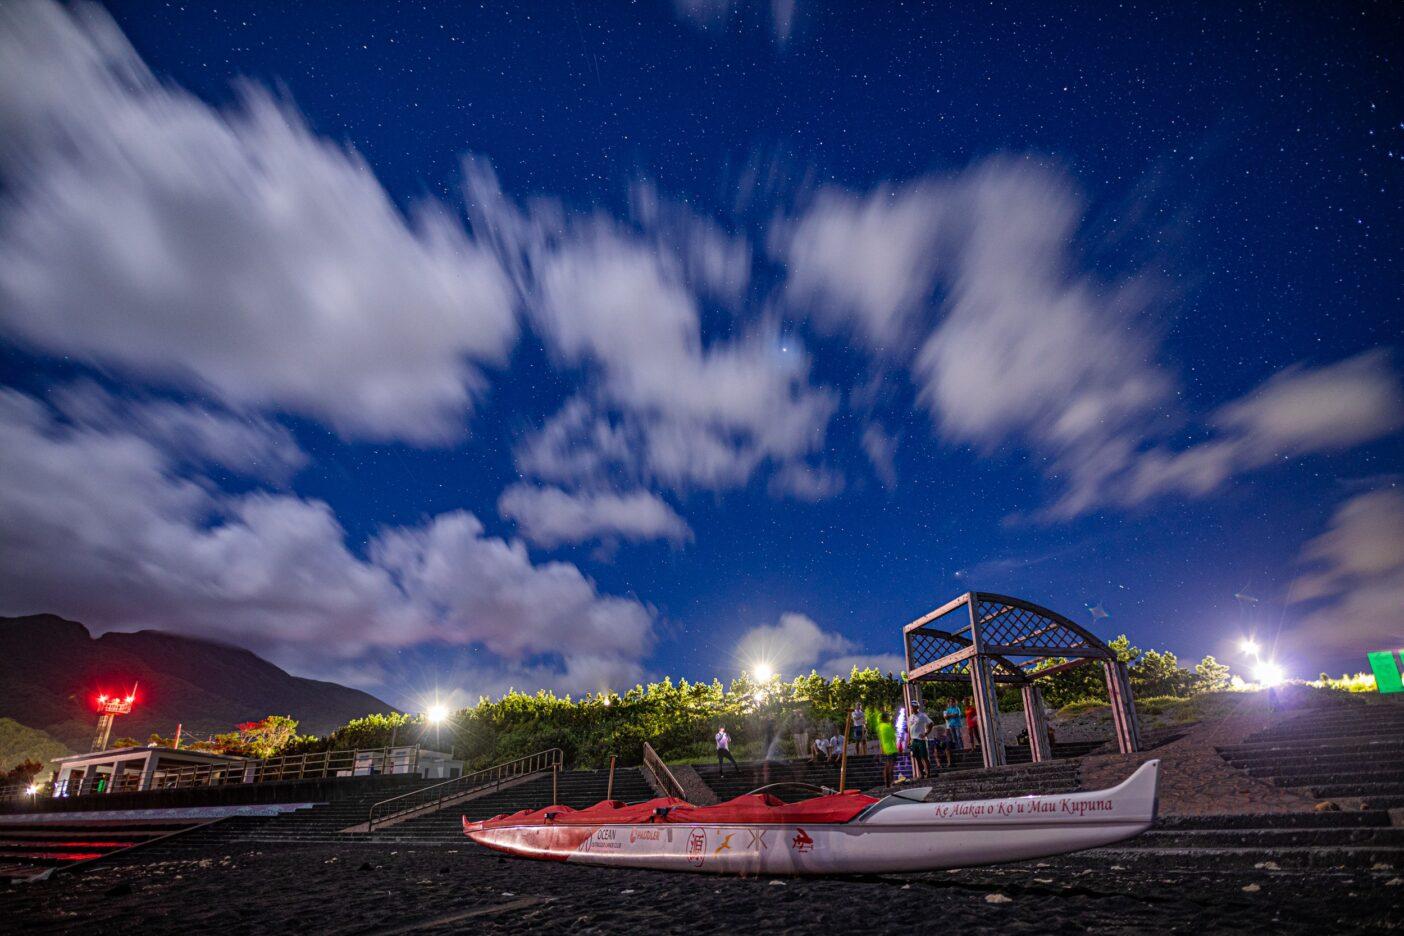 満天の星空に強い風が吹く。空を読み、風を占うカヌーピープルたち。Photo:Sayoko Suzuki